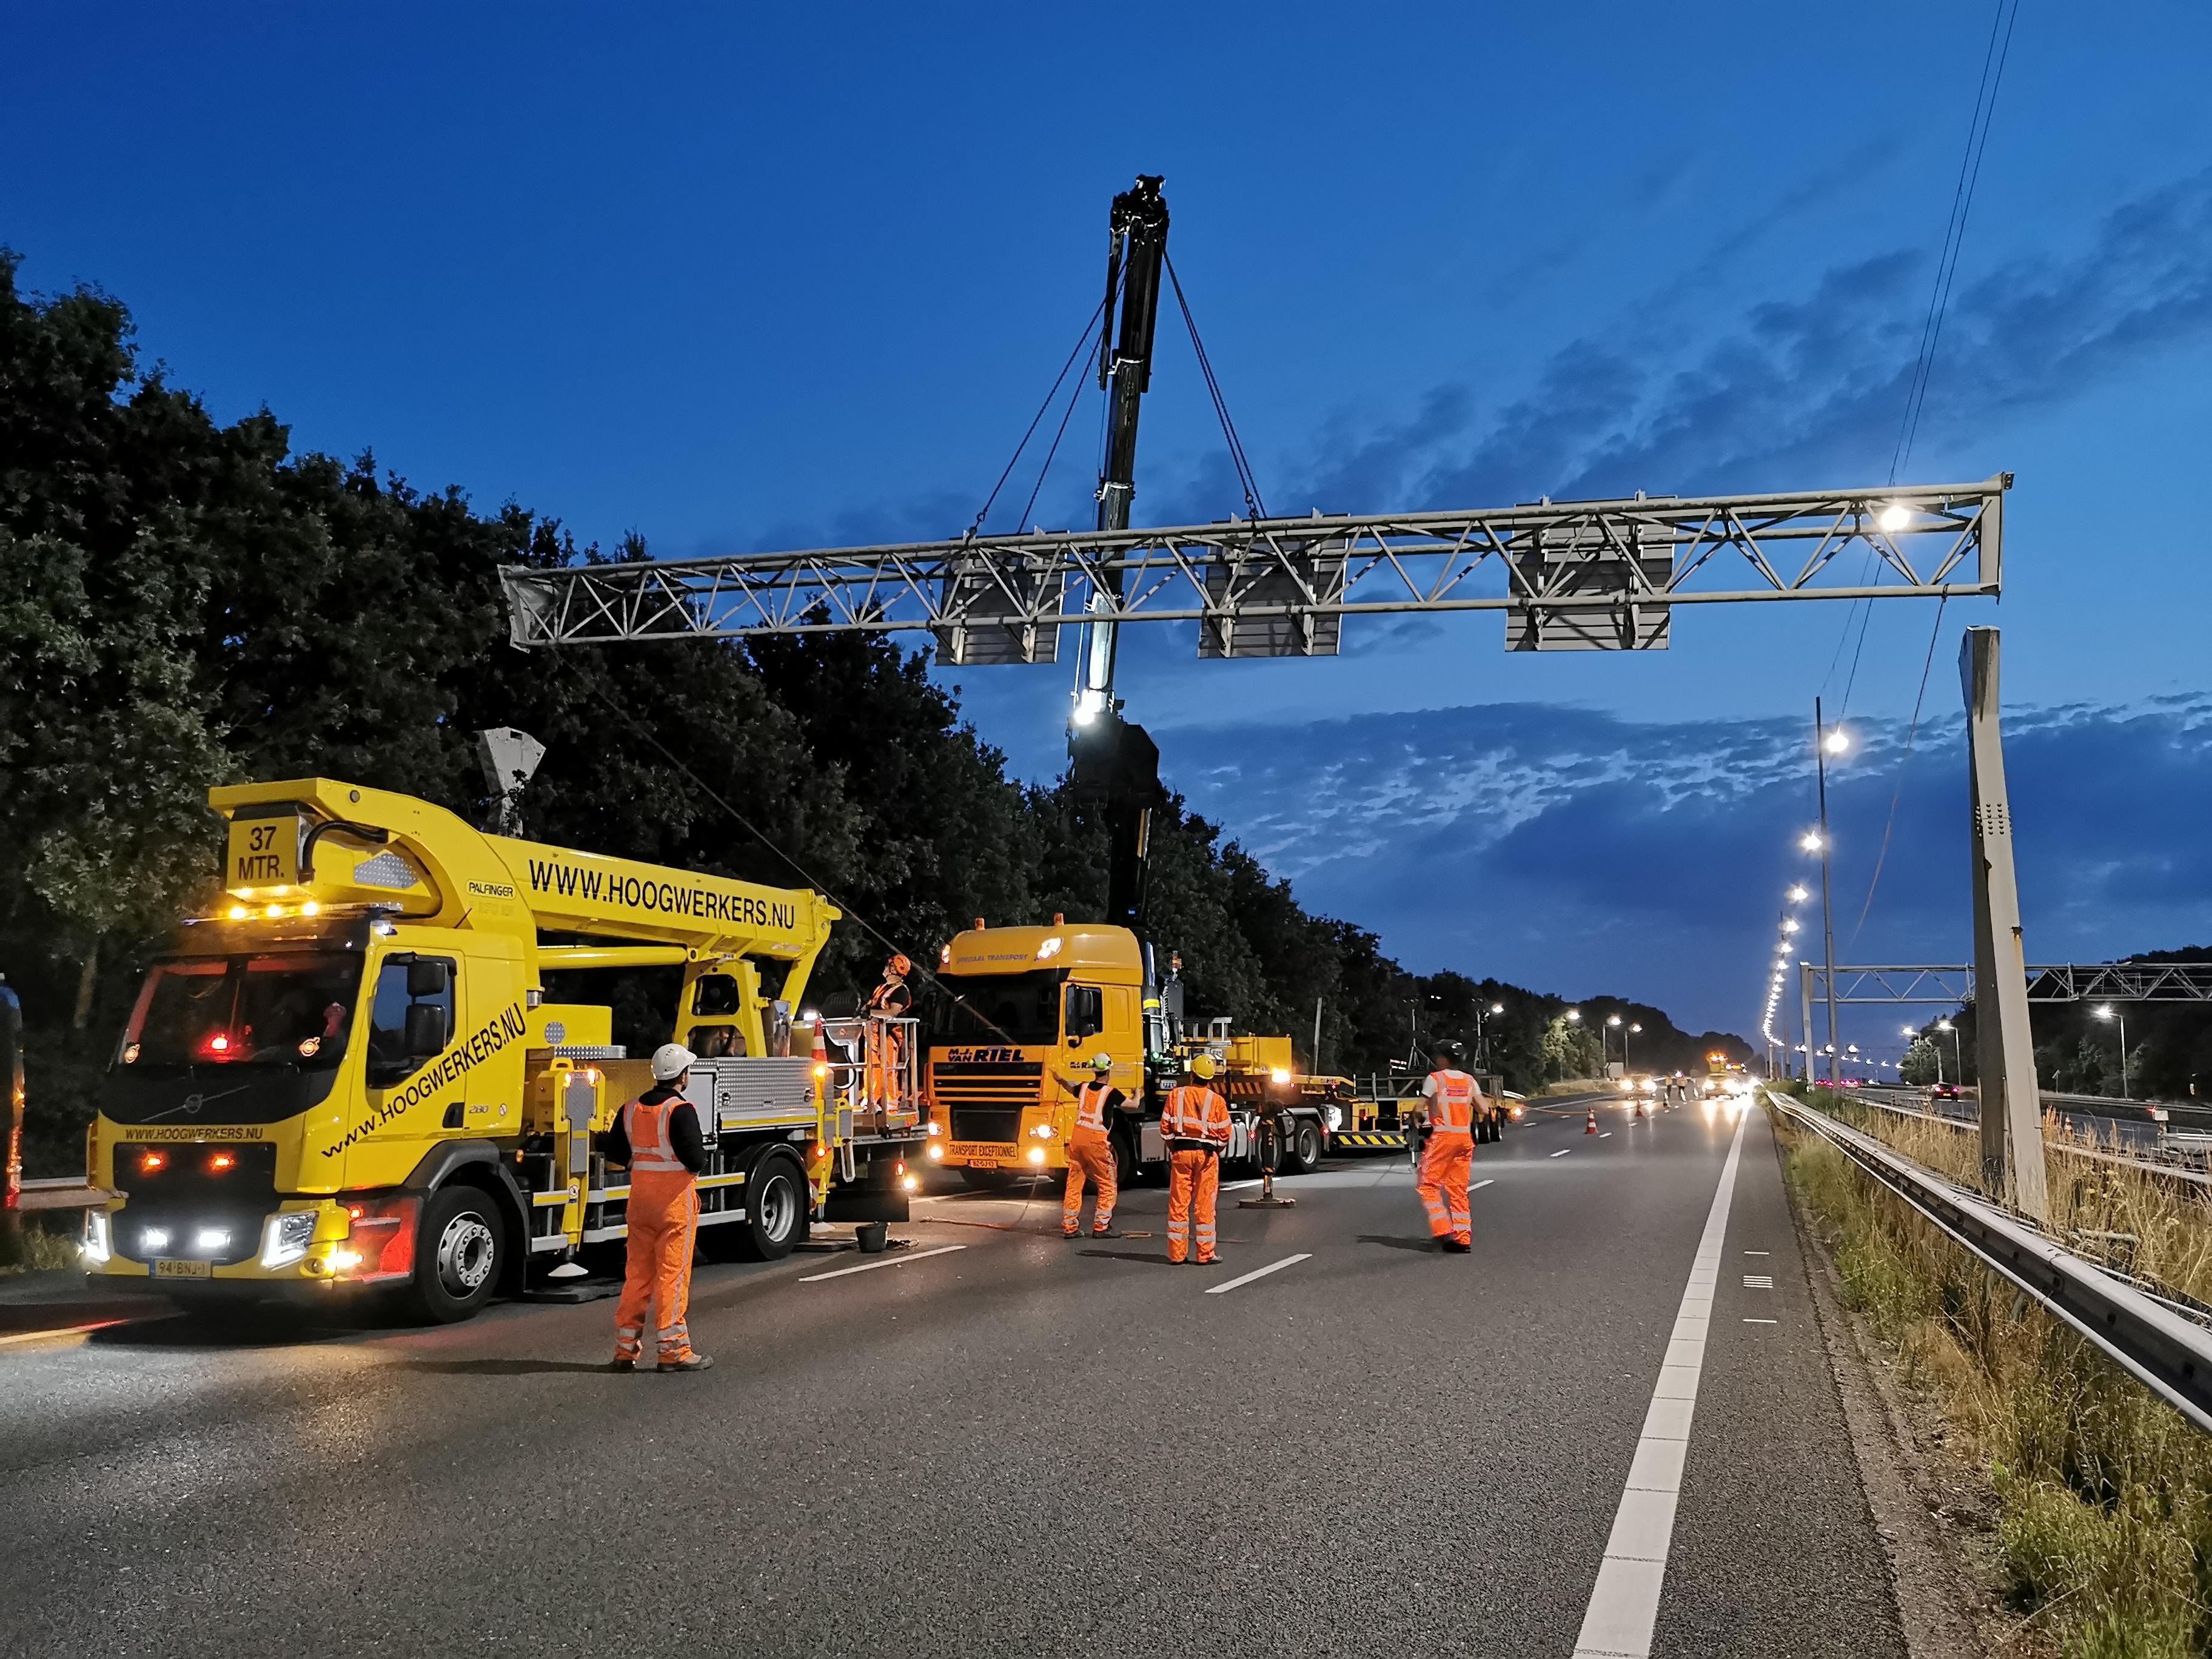 'Strakke logistieke dans.' Rijkswaterstaat werkt 's avonds en 's nachts aan vijftien portalen op de A1 tussen Muiderberg en Eemnes